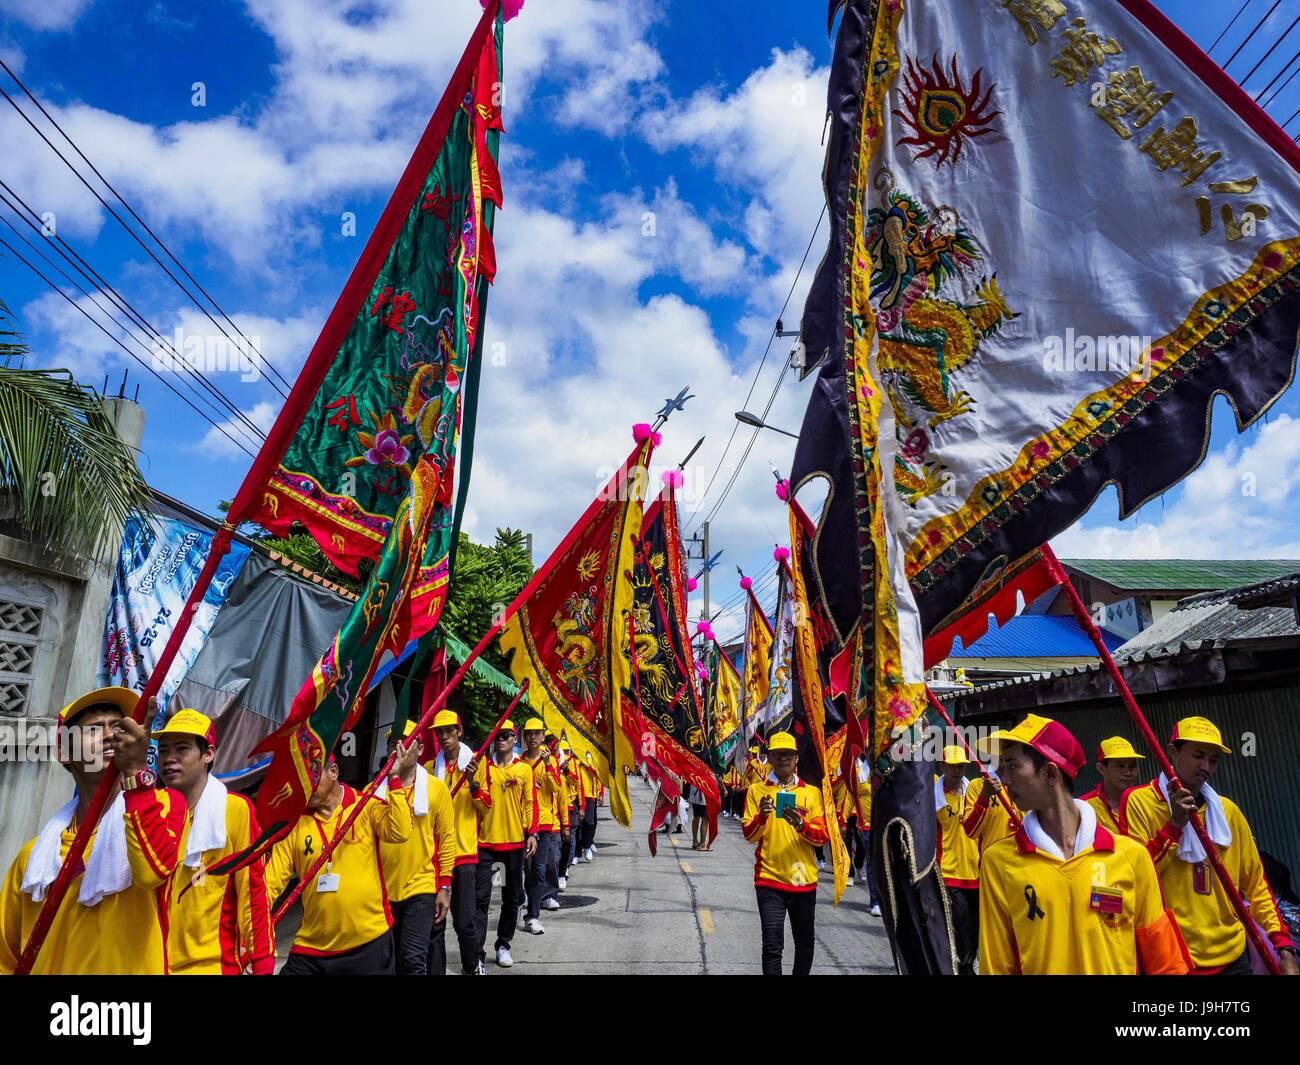 Samut Sakhon, Samut Sakhon, Thailand. 2nd June, 2017. The parade for the City Pillar Shrine in Samut Sakhon. The Stock Photo